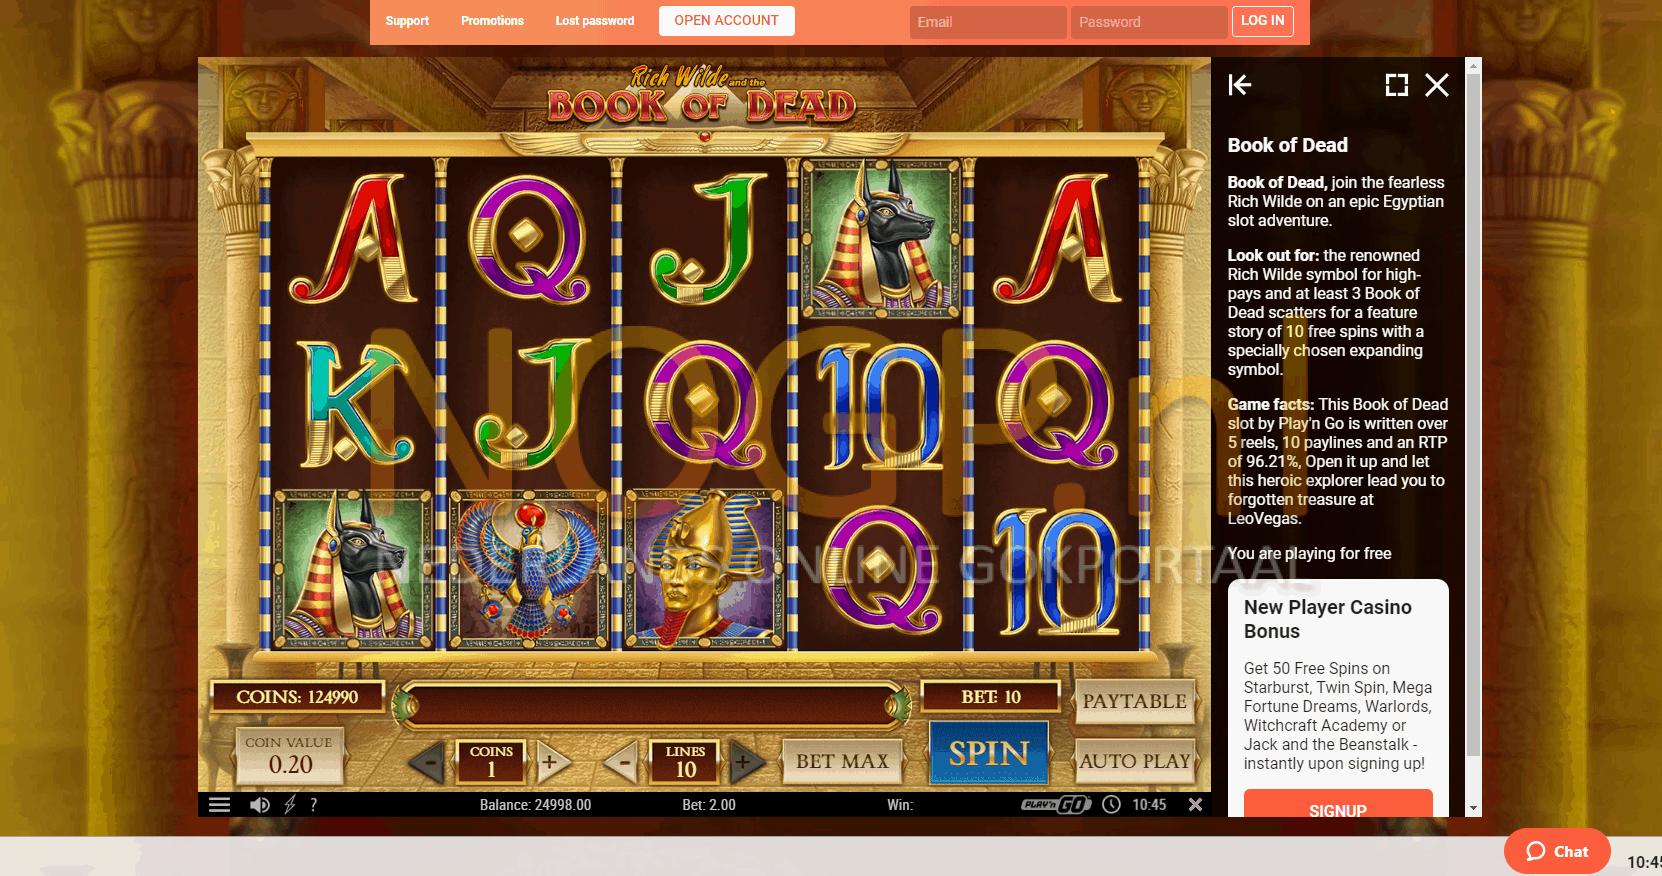 Everest Poker - 180150